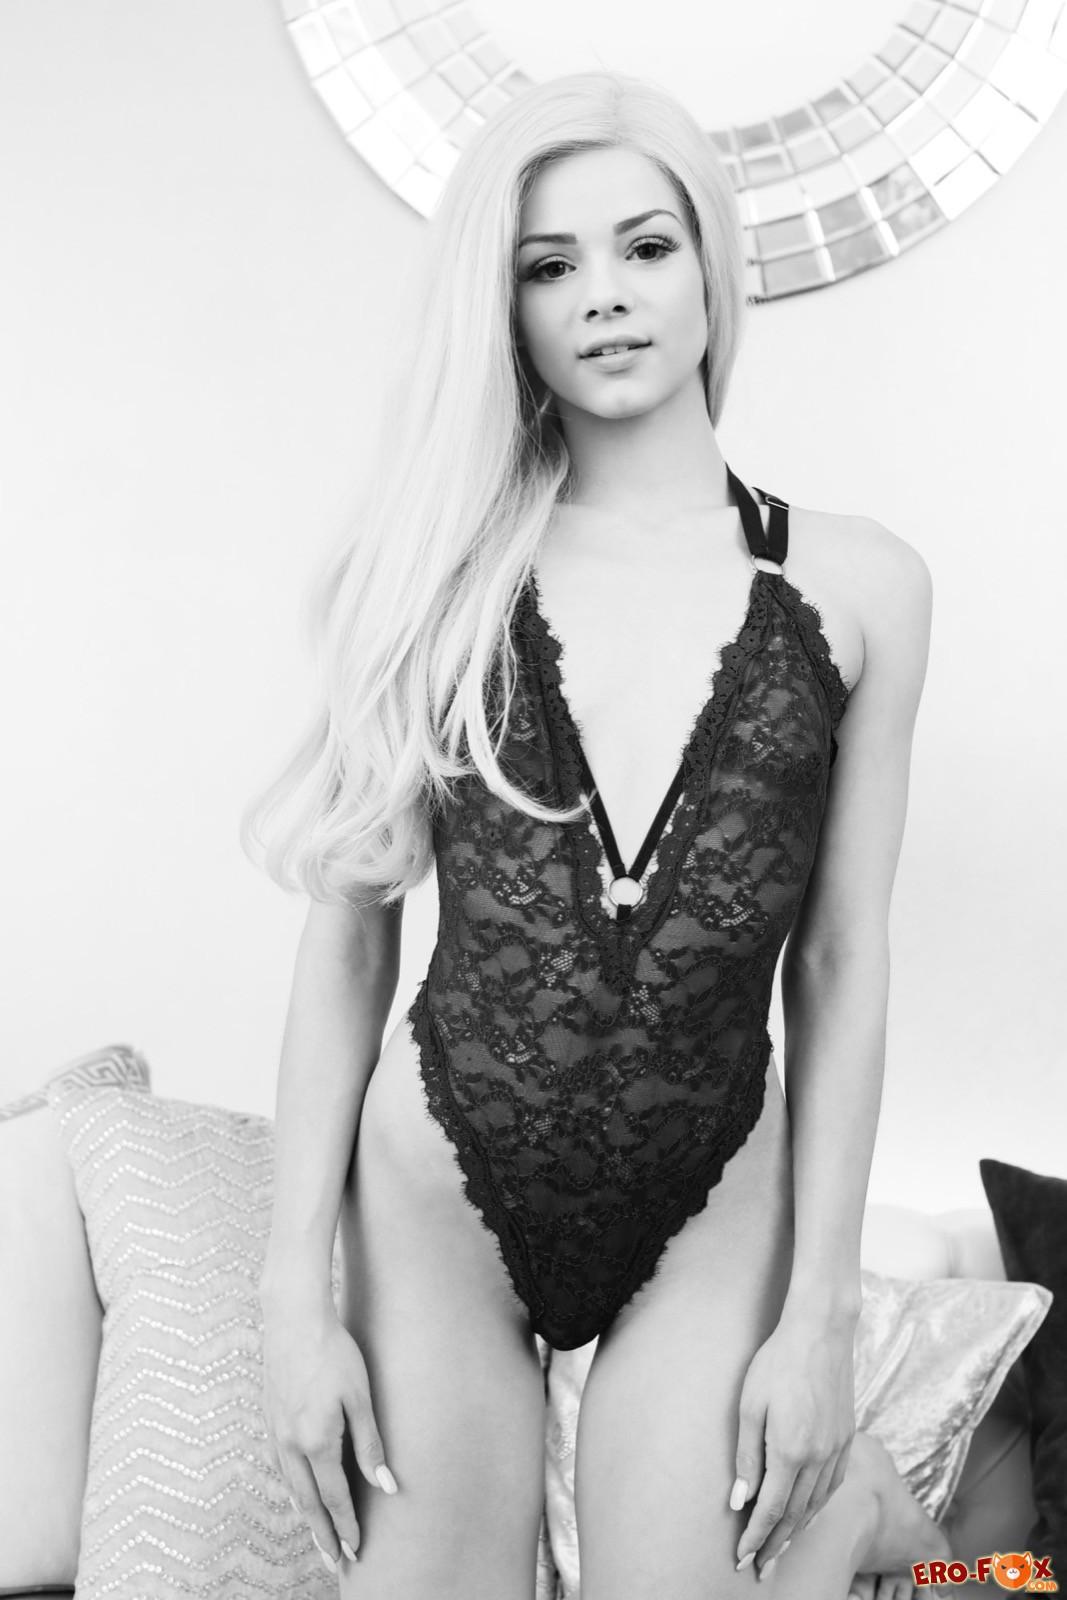 Голая девушка на чёрно-белых фото